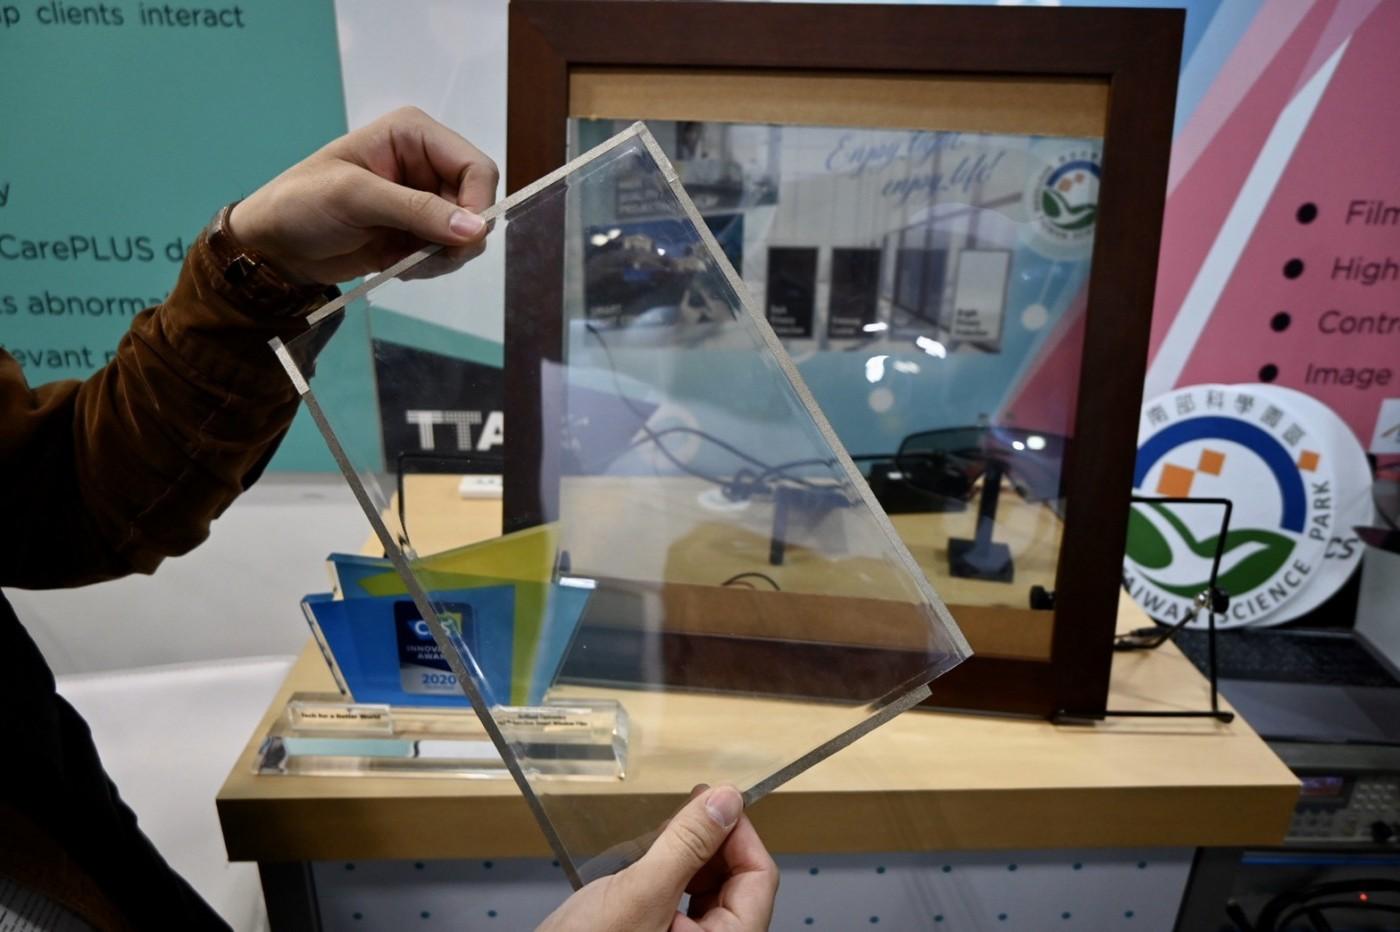 窗戶也能賣廣告!一張薄貼紙打造智慧玻璃,台灣新創吸引科技巨頭搶合作